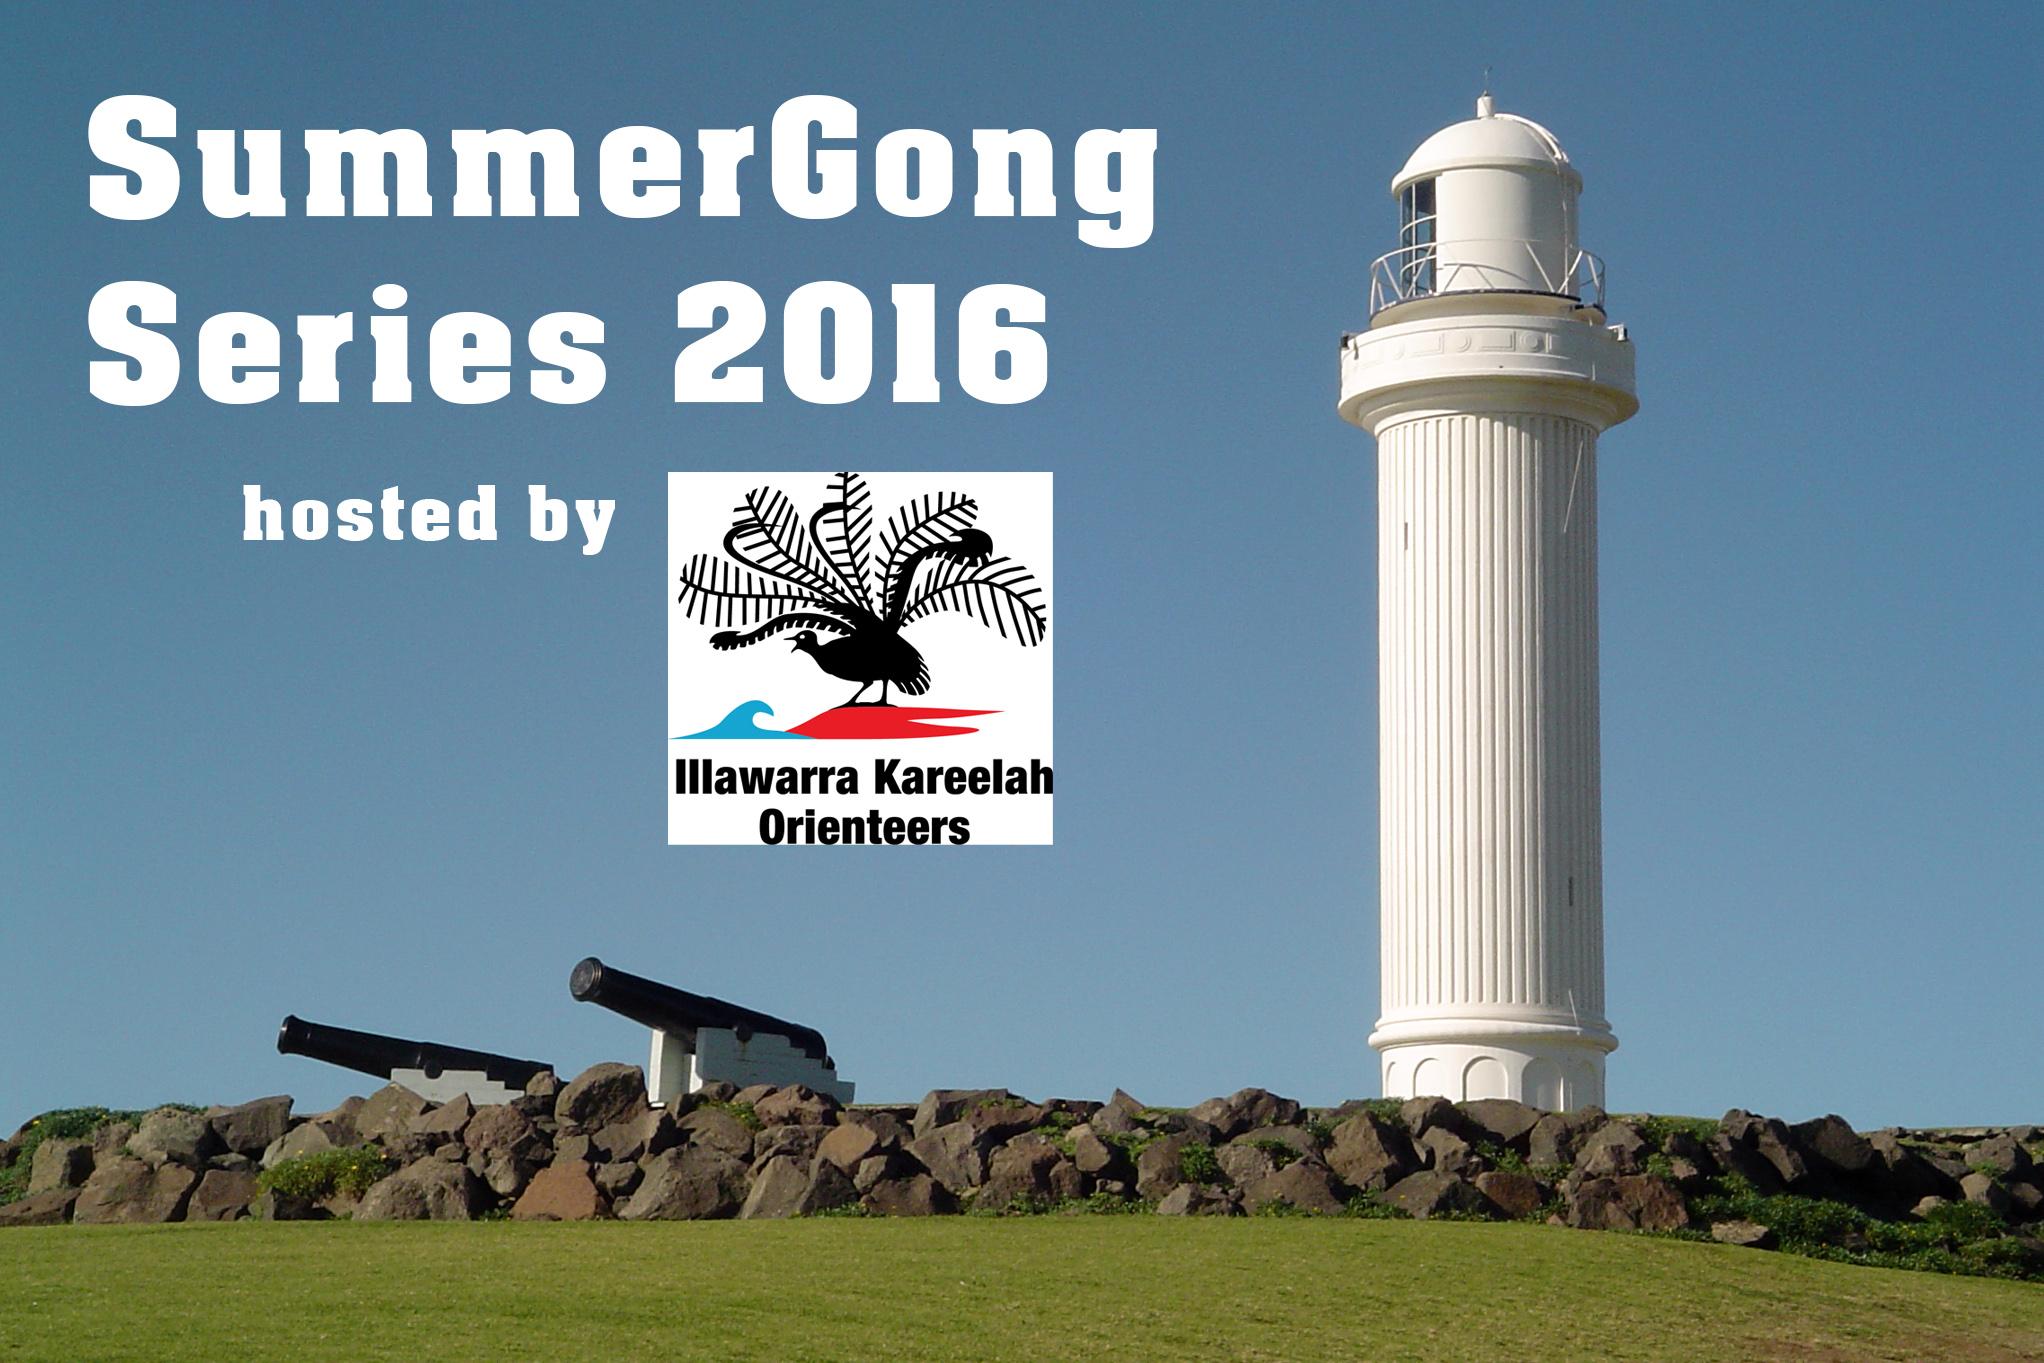 SummerGong 2016